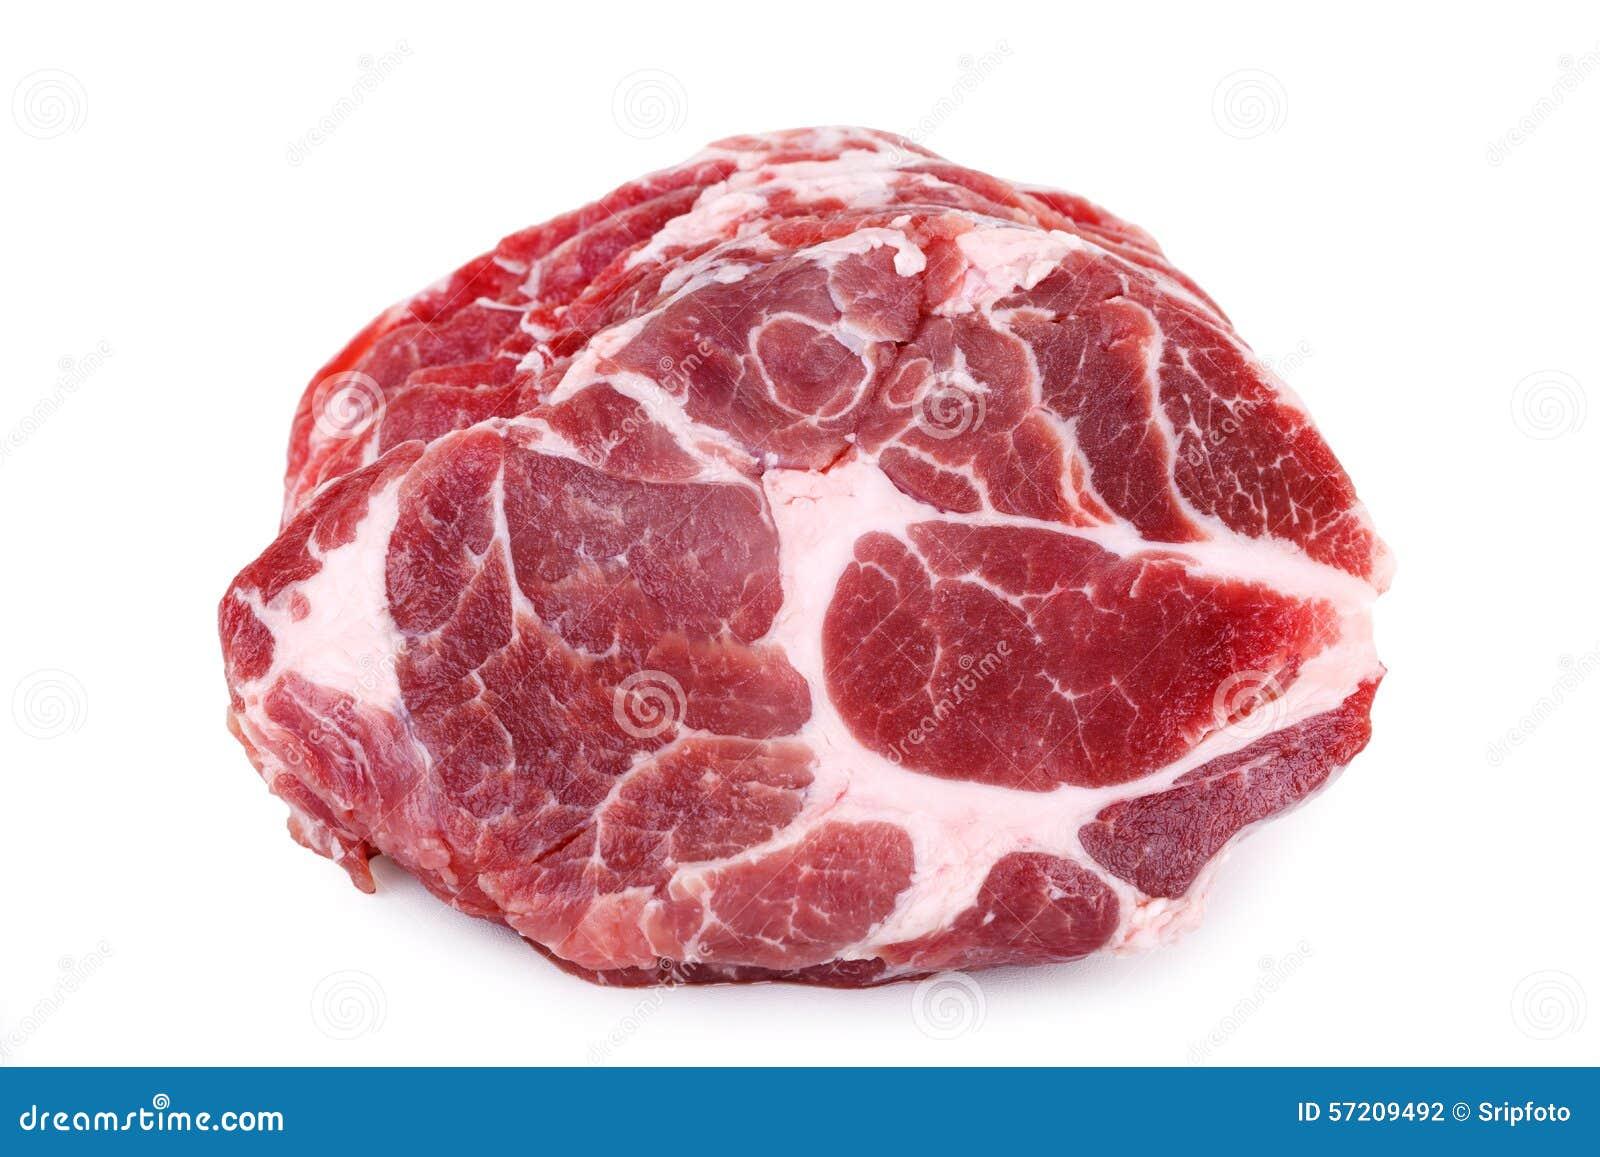 Filete crudo fresco de la carne del cuello del cerdo aislado en el fondo blanco